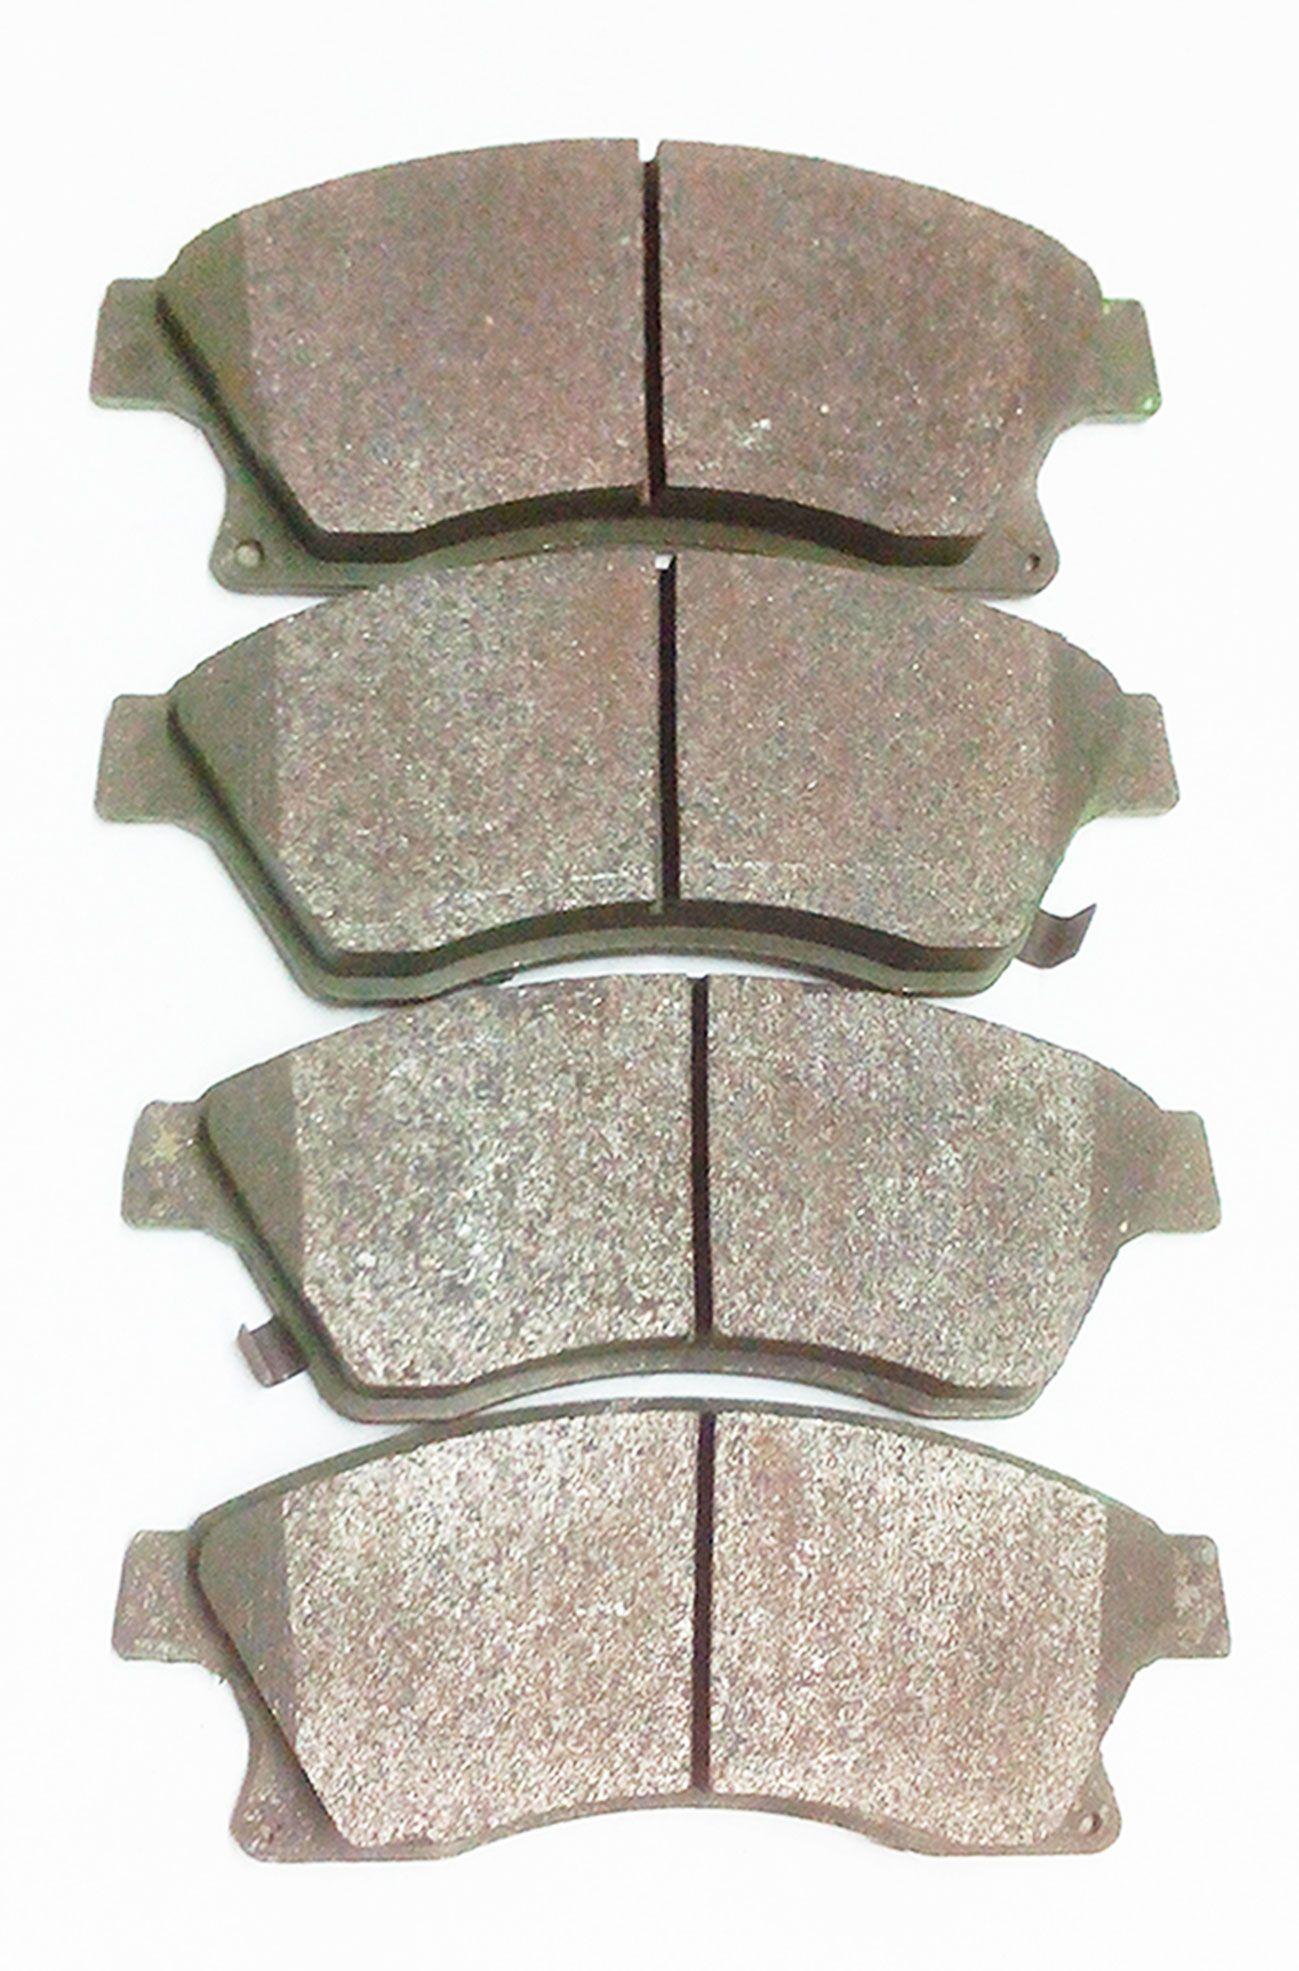 Brake pad-TATA SUMO GRANDE MK/II (FRONT)